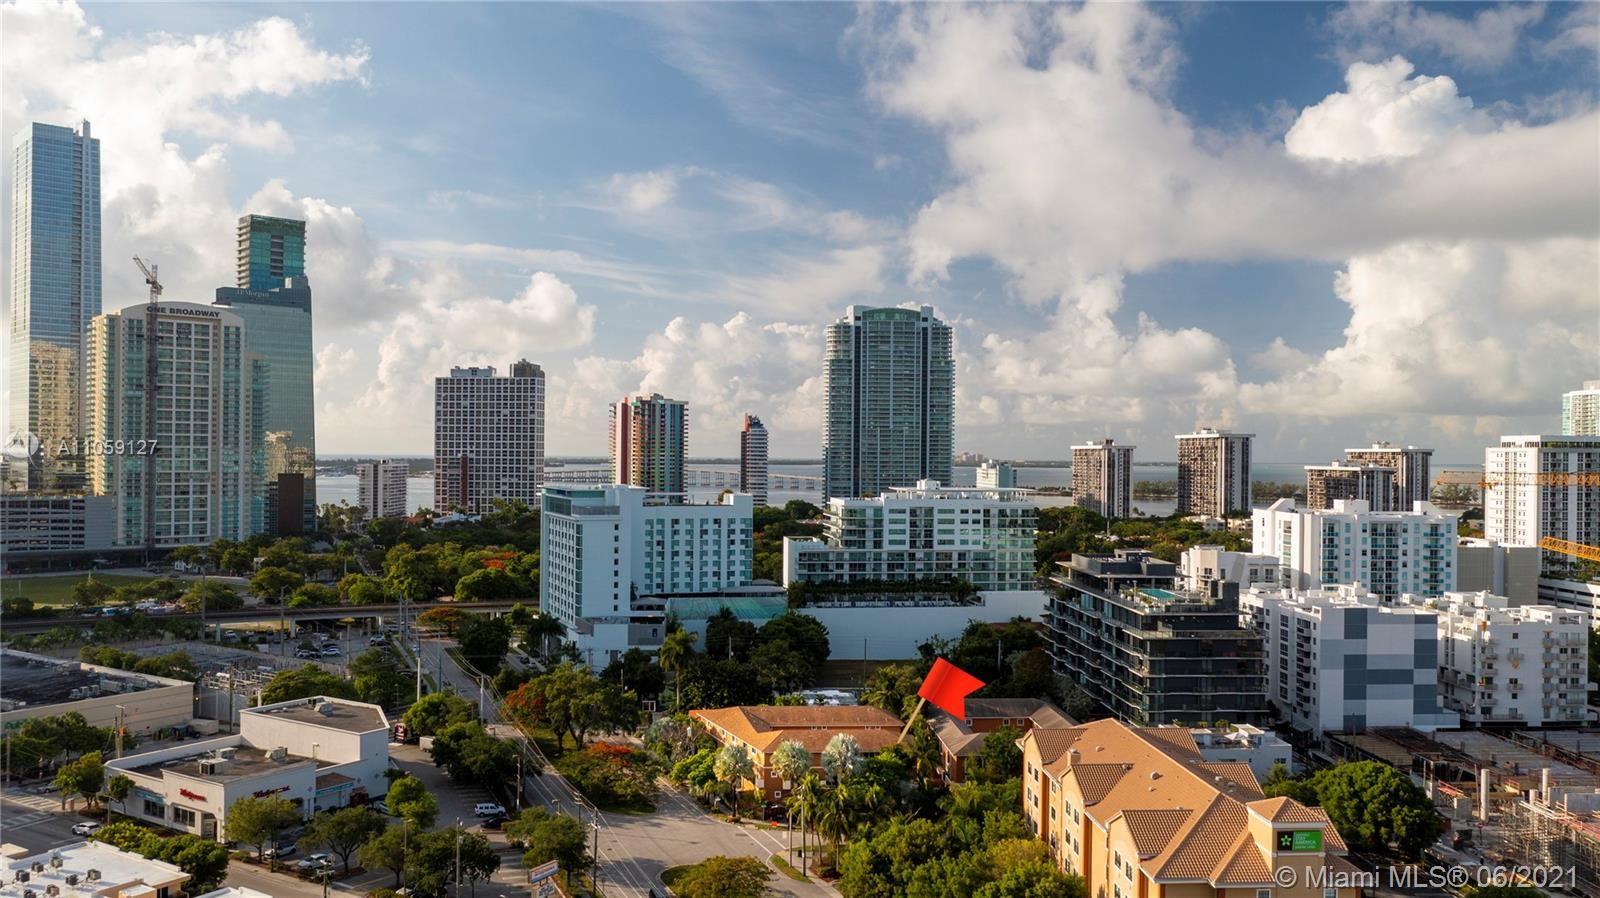 240 SW 15th Rd #101, Miami, FL 33129 - #: A11059127